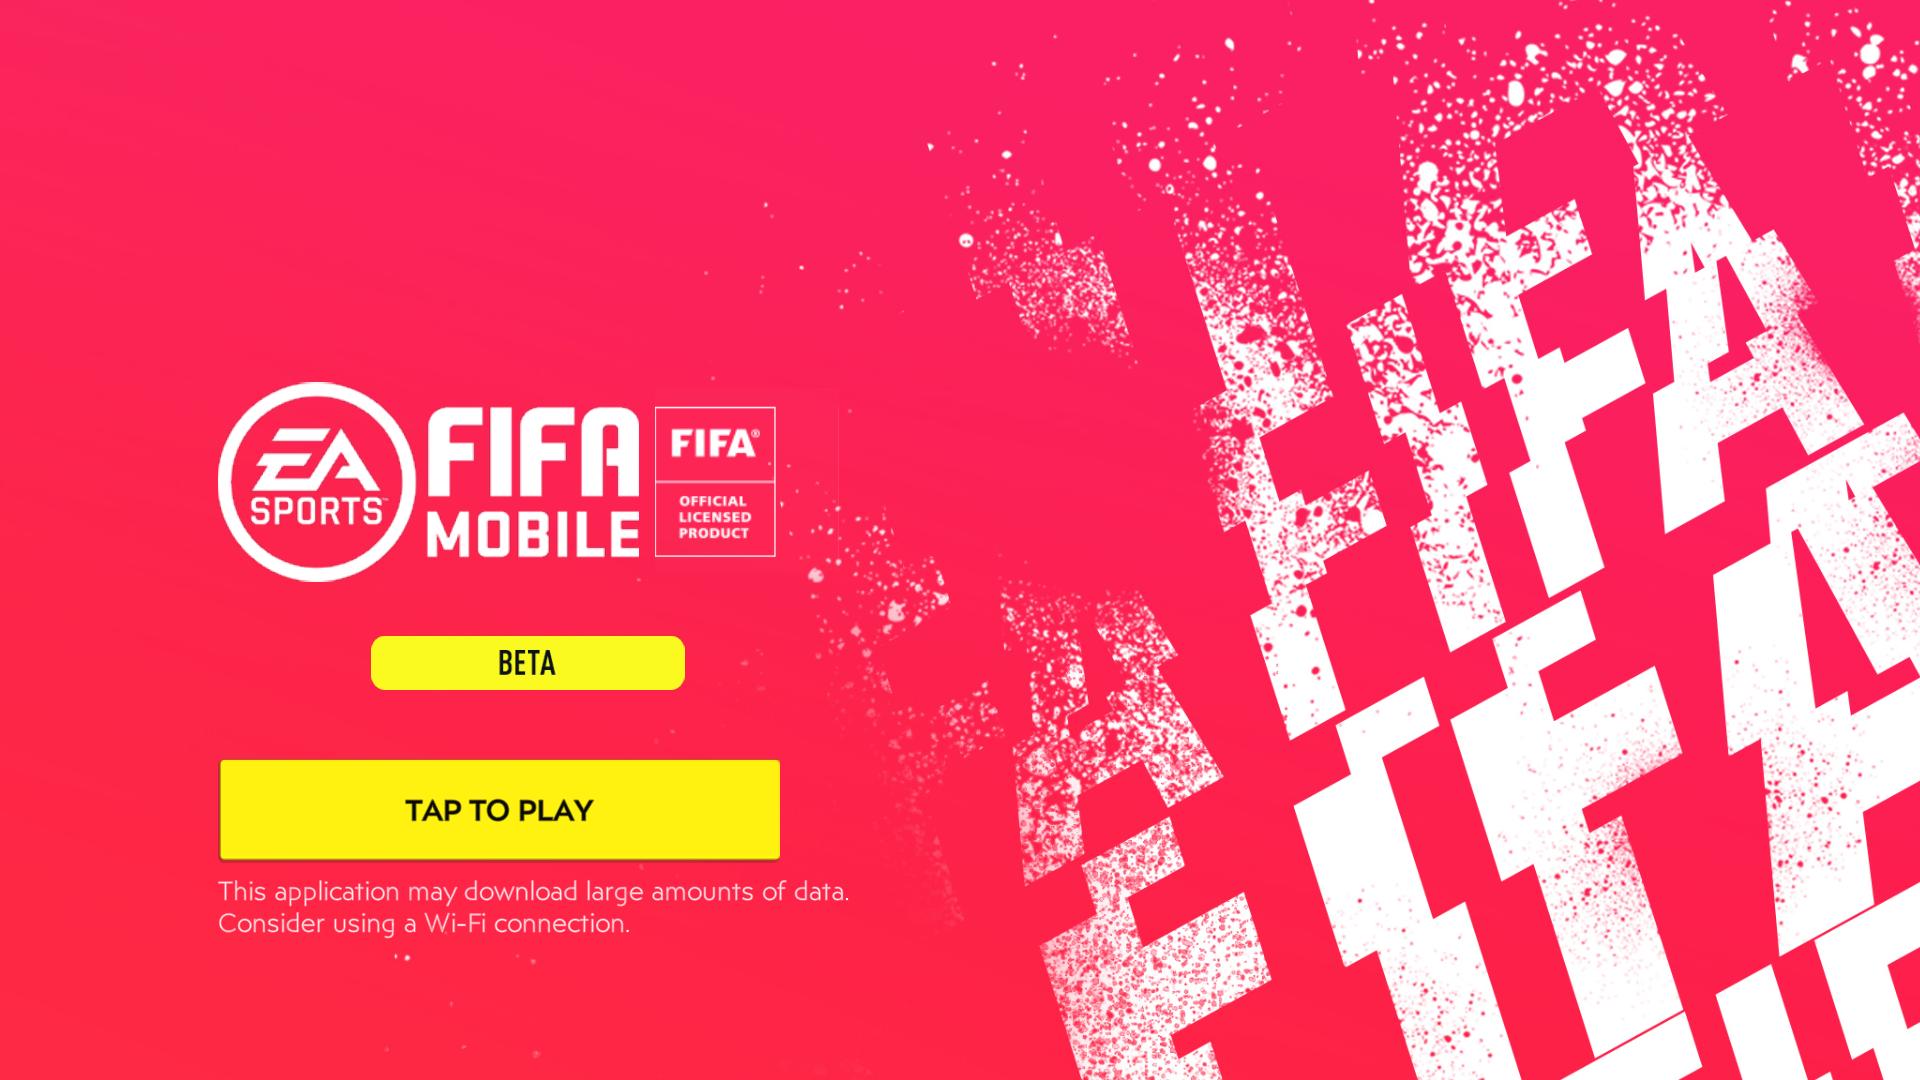 Nhanh tay tham gia trả nghiệm sớm phiên bản Beta của tựa game FIFA 2020 Mobile